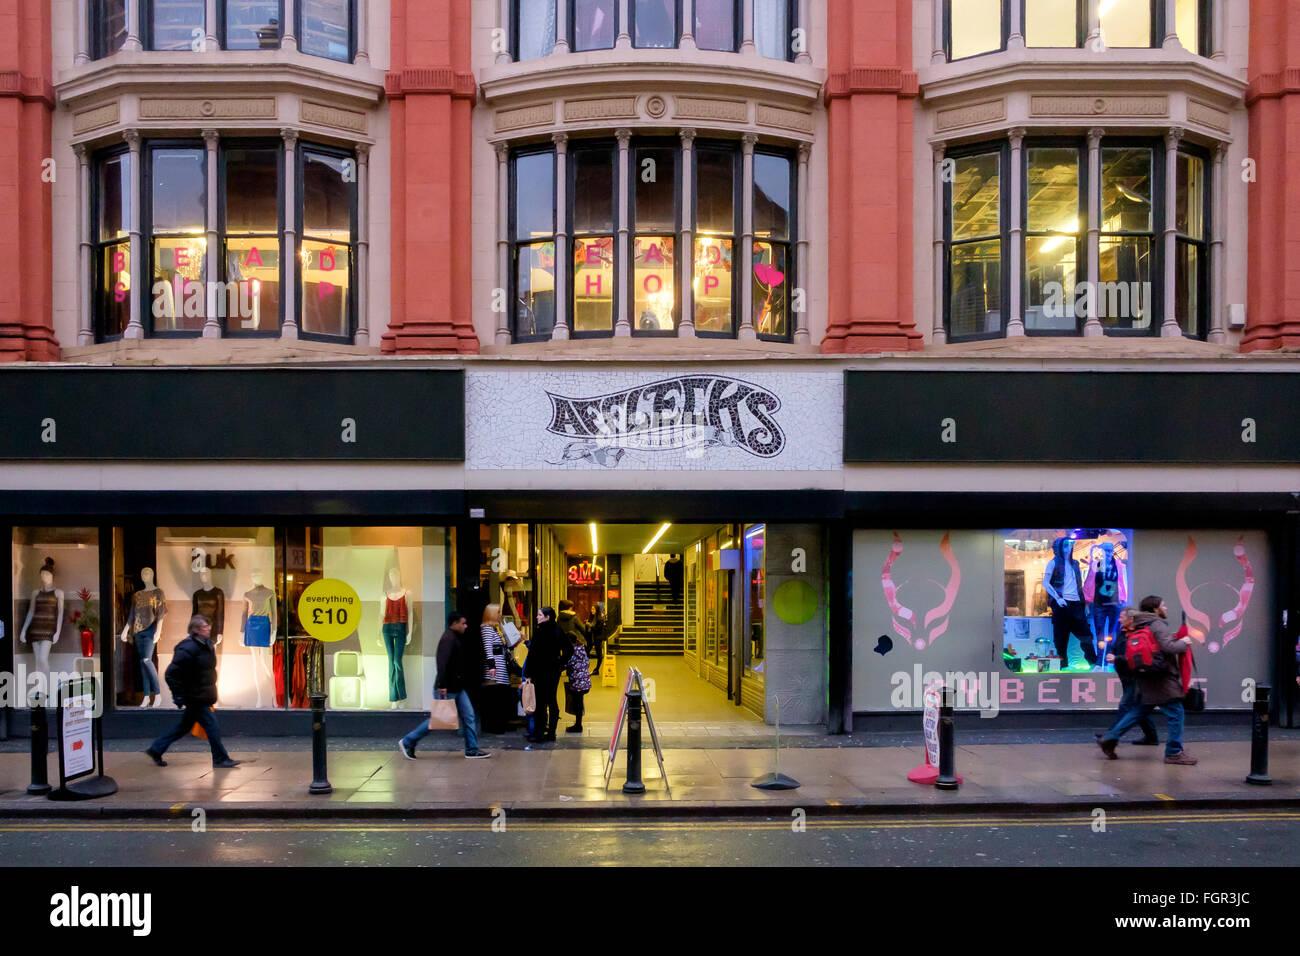 Manchester, UK - 17. Februar 2016: Afflecks ist eine alternative Kaufhaus, eine Markthalle Stände und kleine Geschäfte Stockfoto